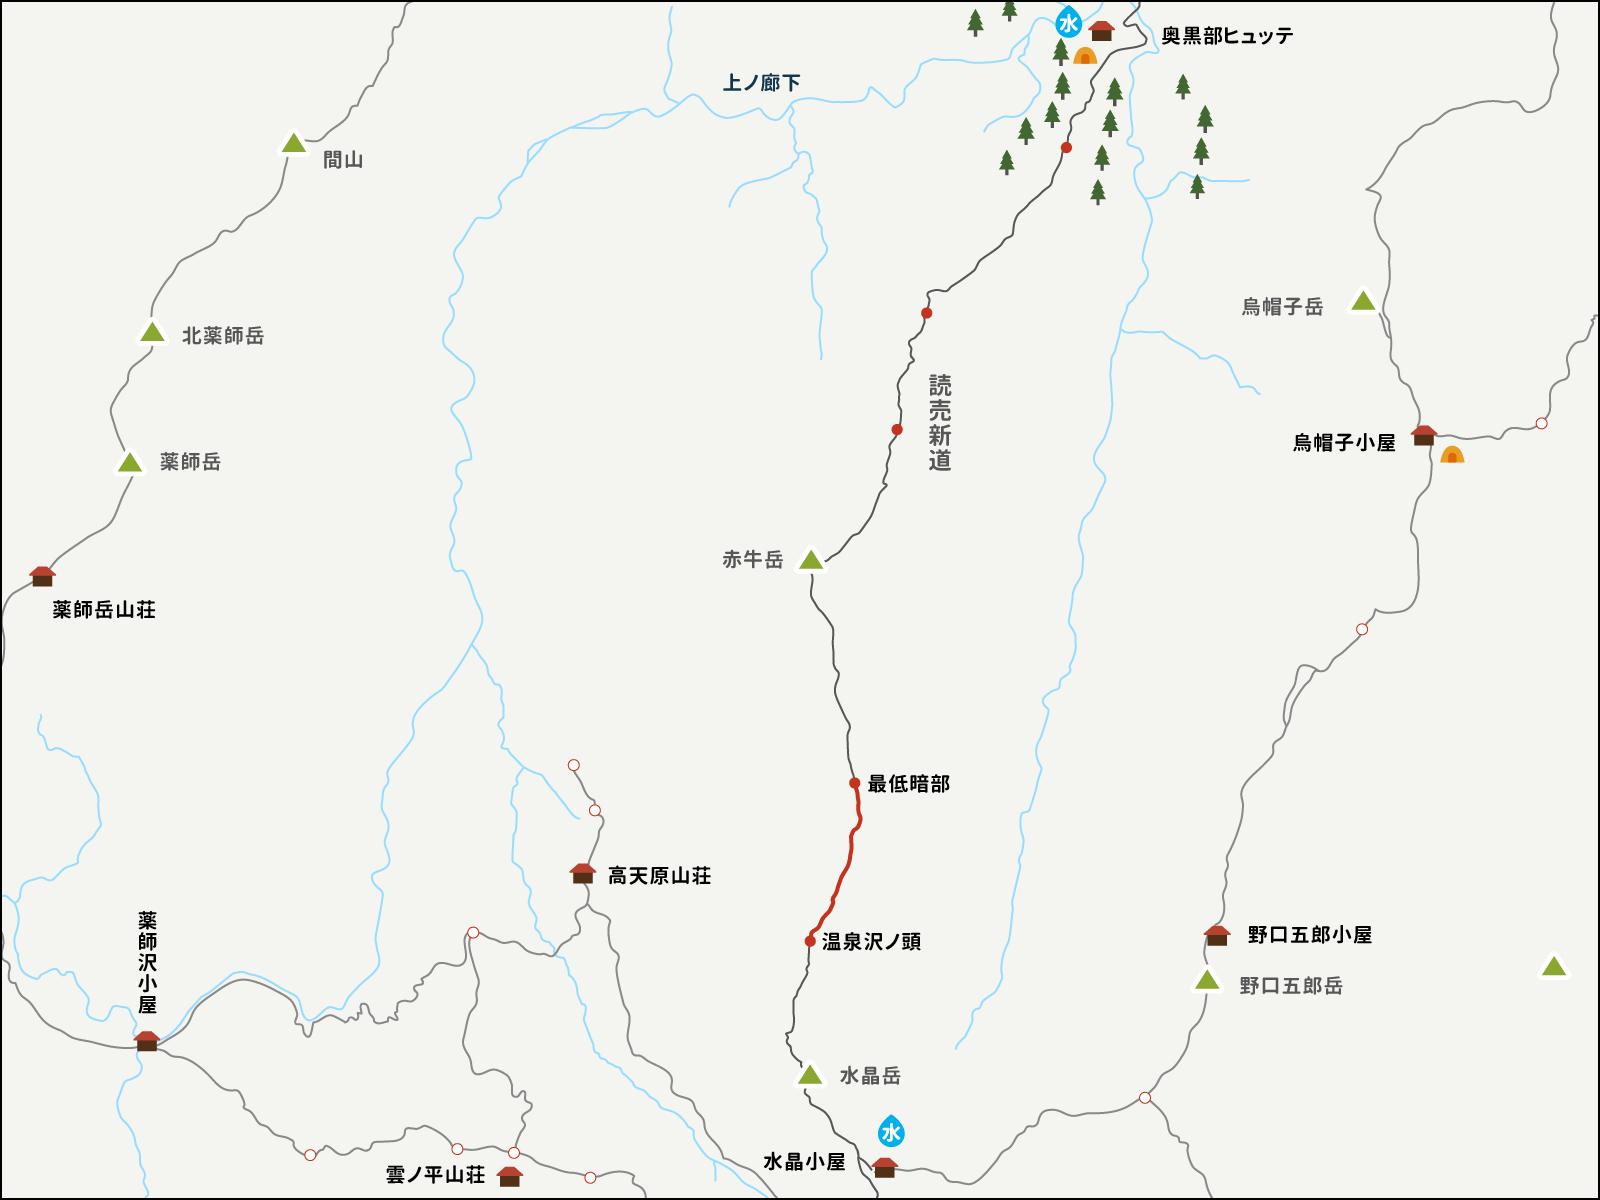 最低鞍部から温泉沢の頭までのイラストマップ